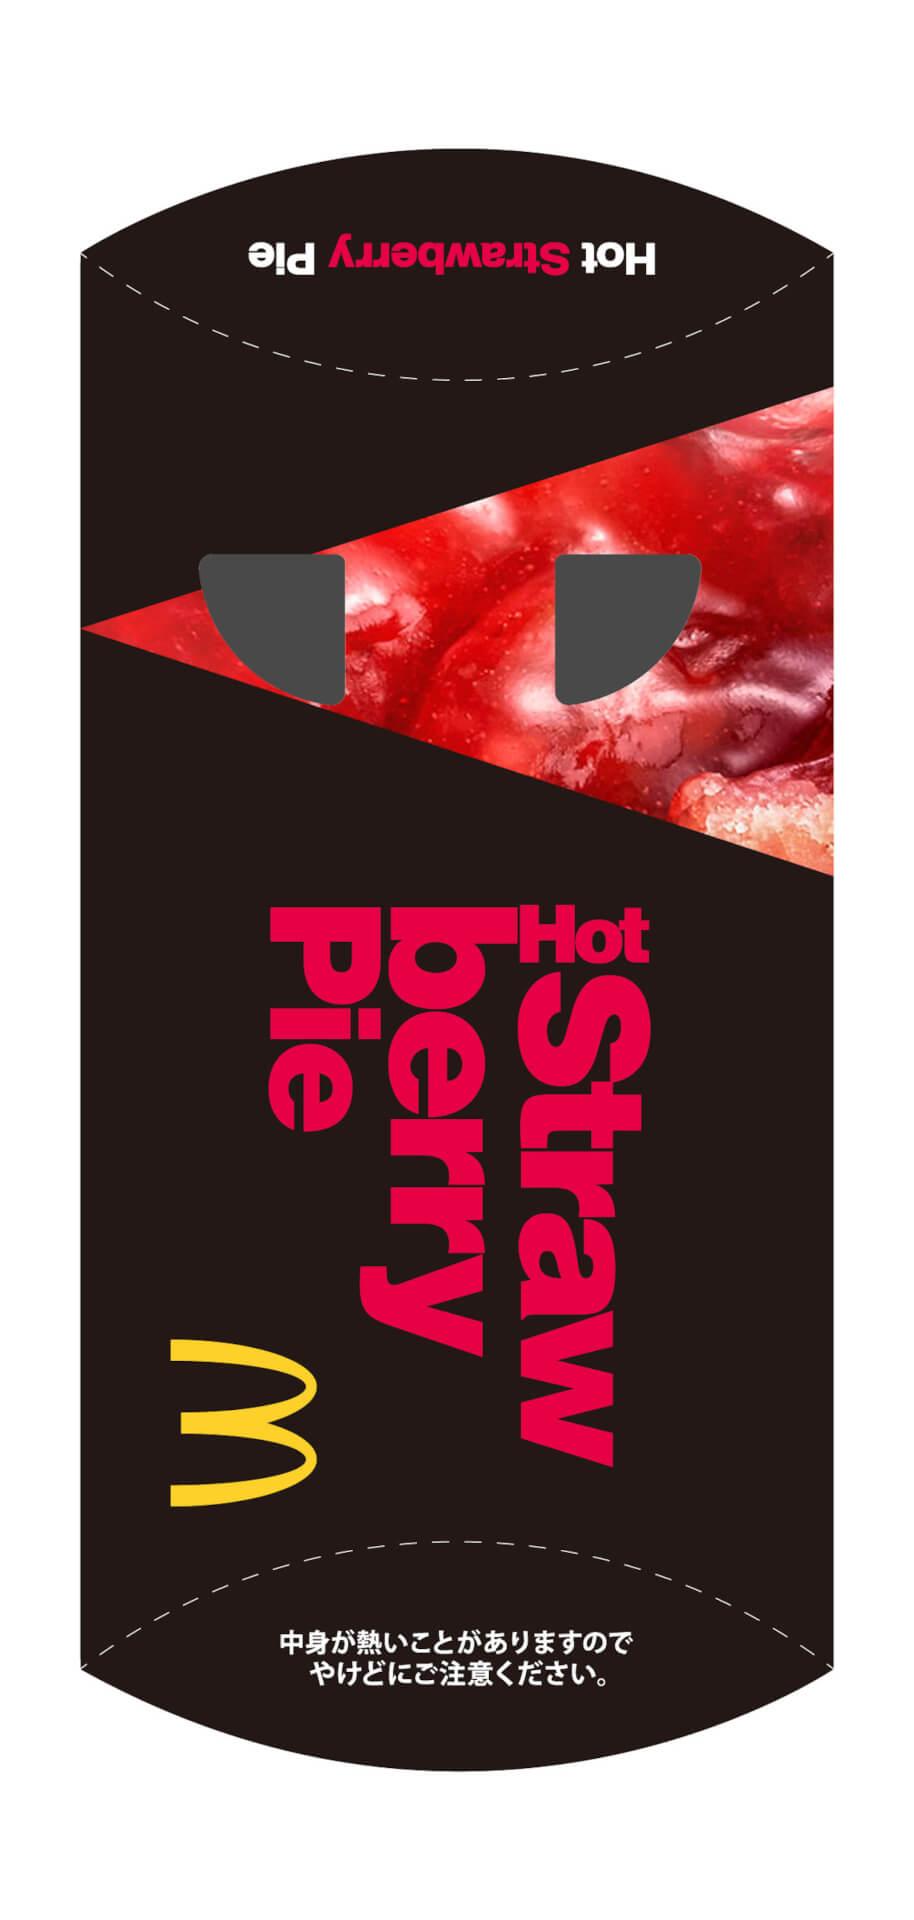 """マクドナルドから""""冒険""""の新商品ホットストロベリーパイが期間限定で登場!""""安定""""のホットアップルパイとどちらを選ぶ? gourmet200227_mcdonald_pie_4"""